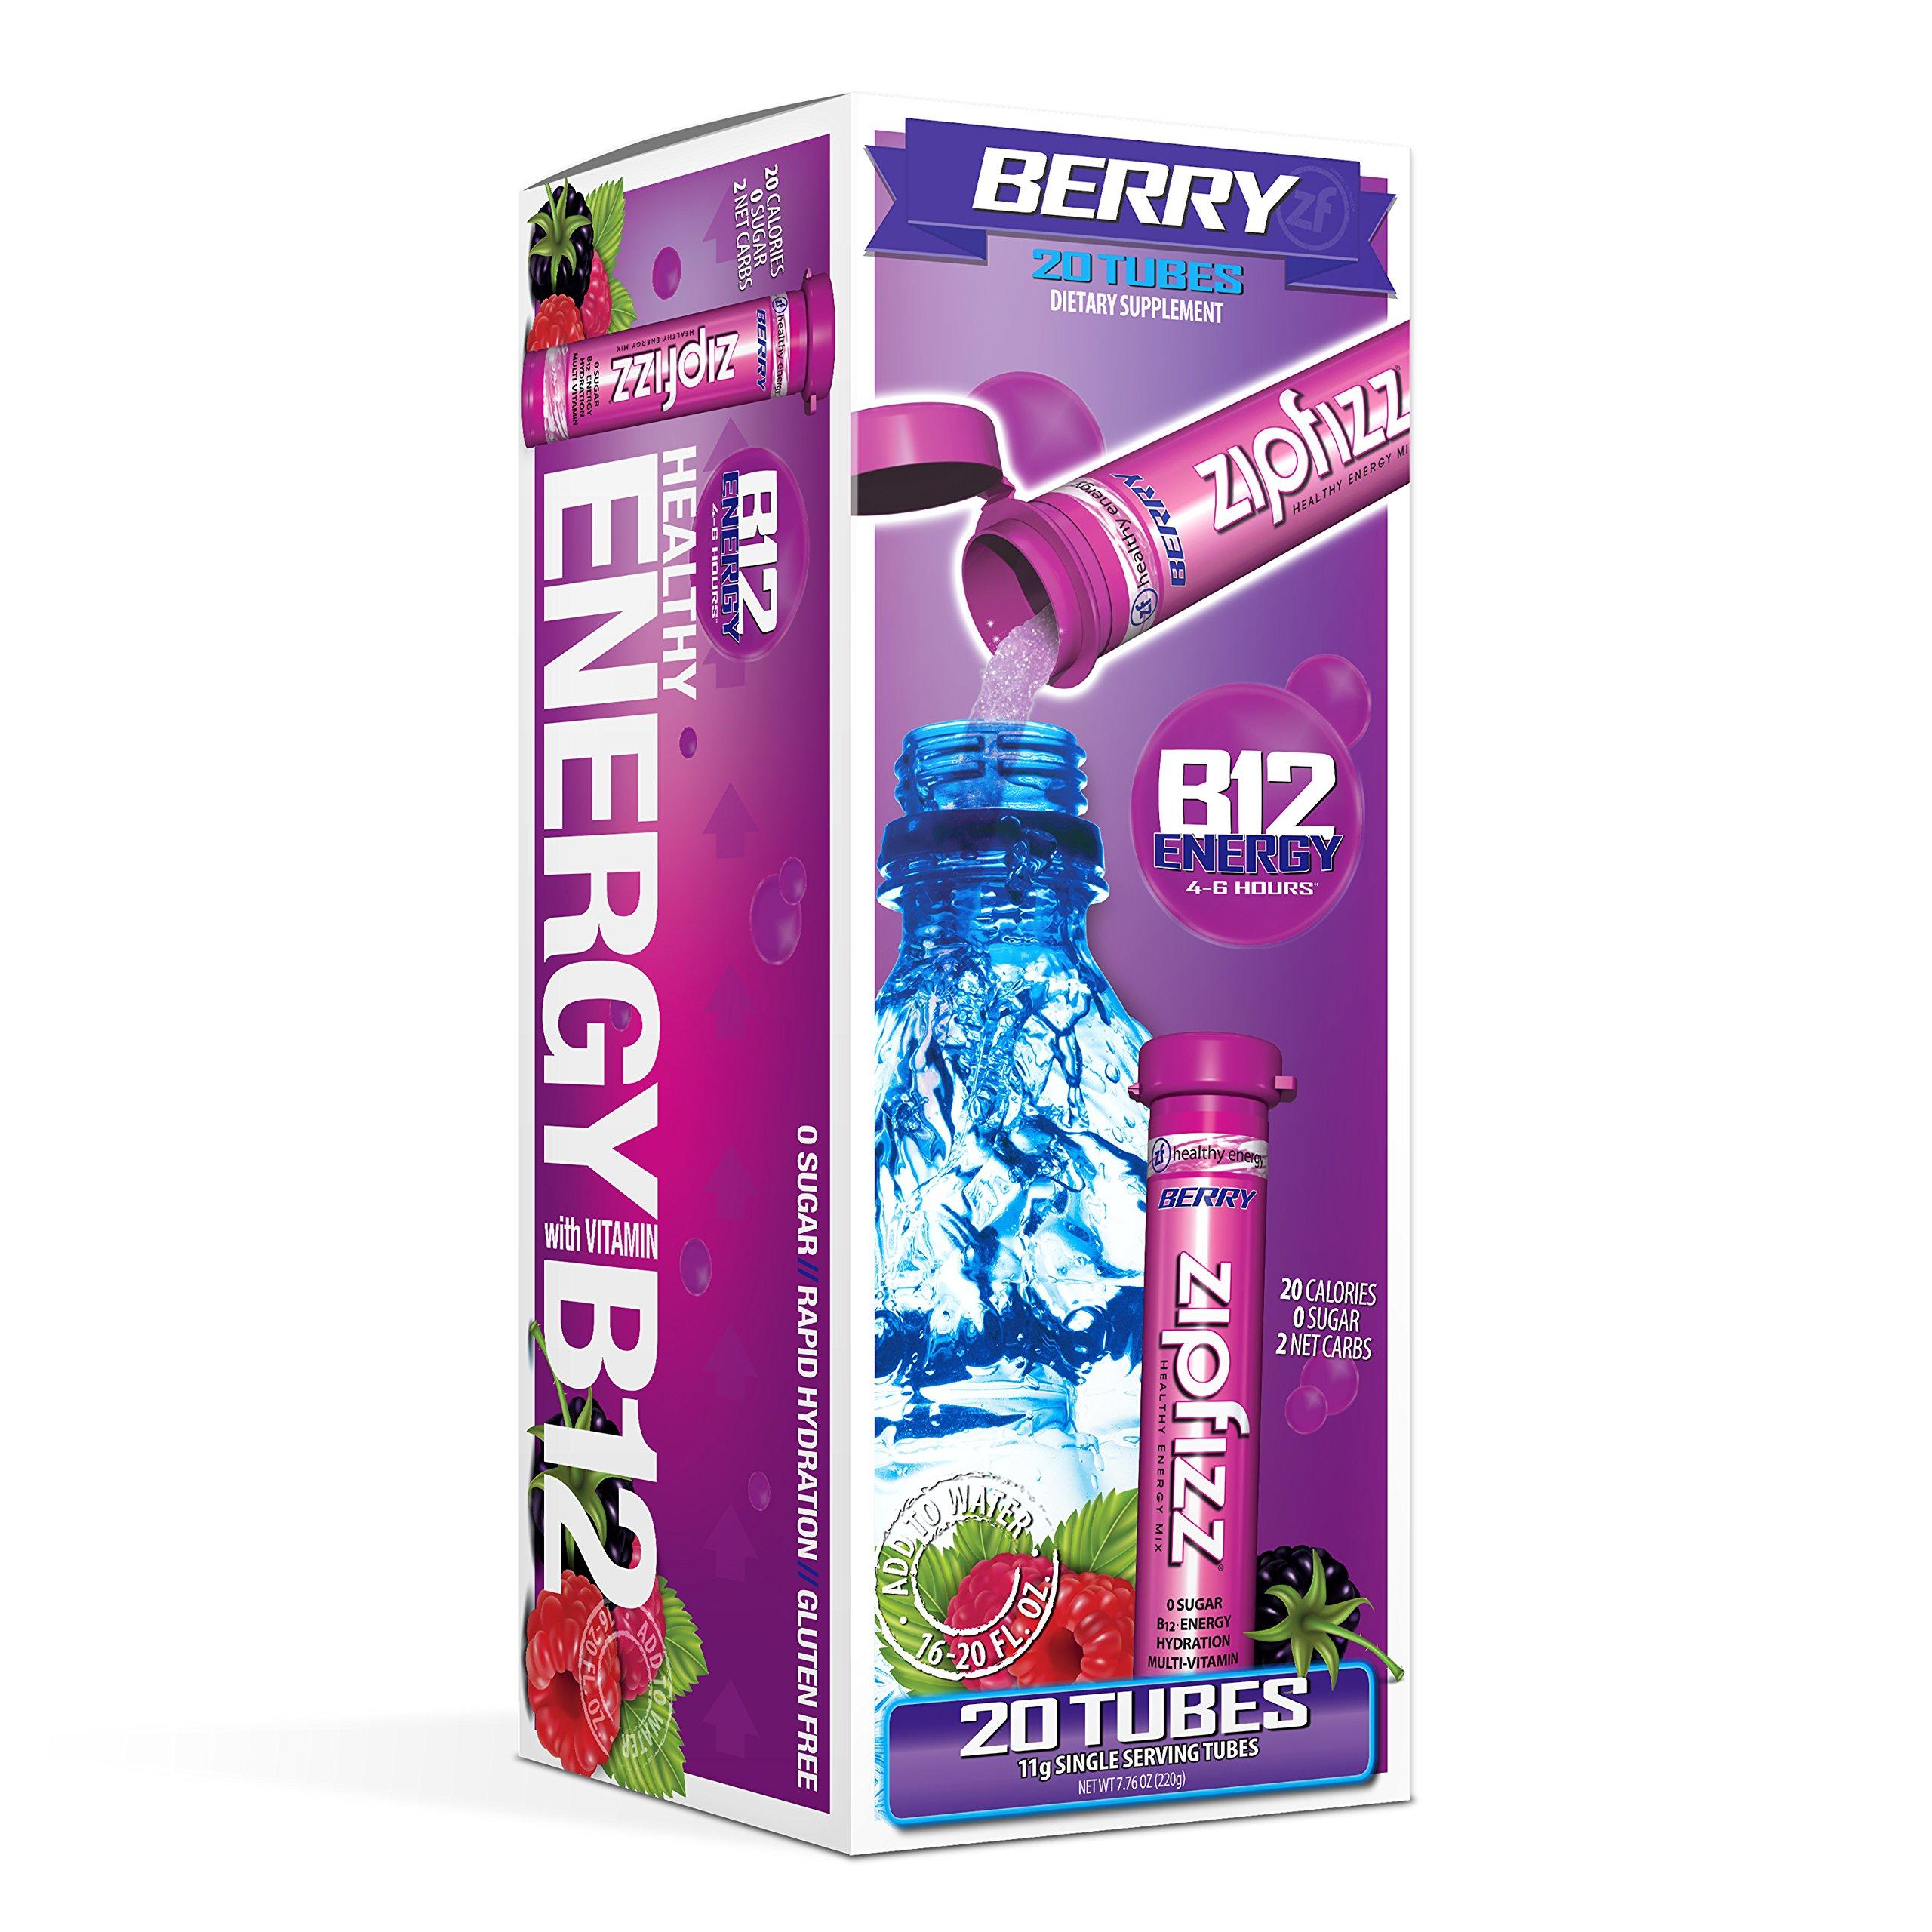 Zipfizz Healthy Energy Drink Mix, Berry, 20 Count